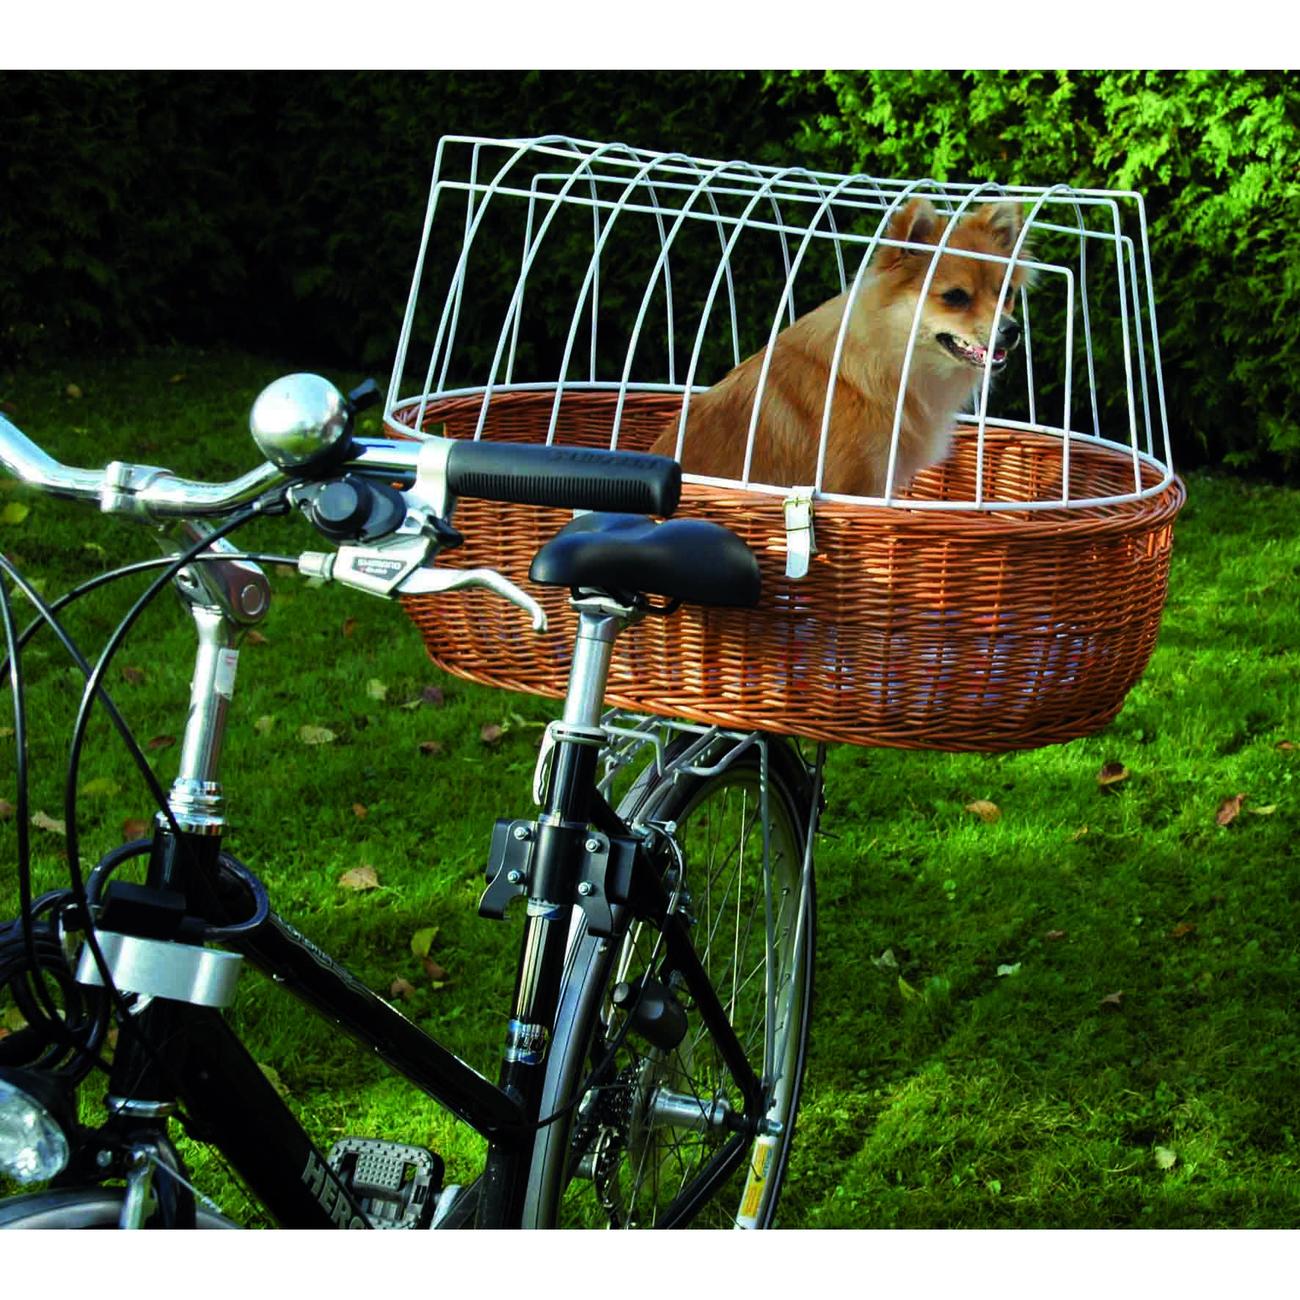 Aumüller Hunde Fahrradkorb XXL für Gepäckträger, XXL: L 70 cm x B 50 cm x H 22/42 cm